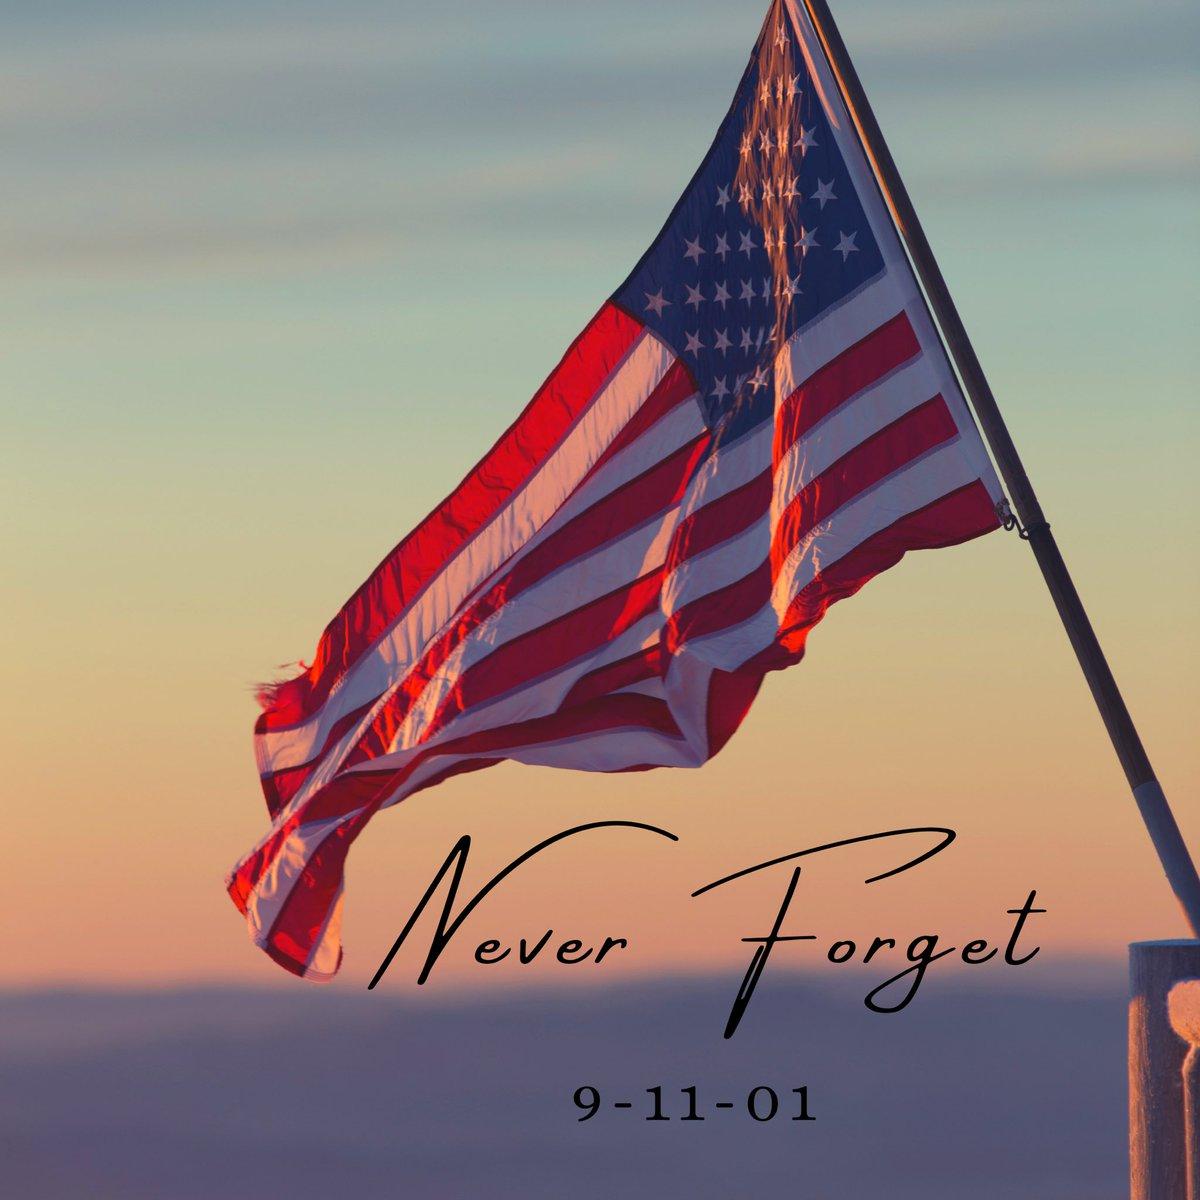 Never Forget. 🇺🇸 https://t.co/kUSLJSklRv